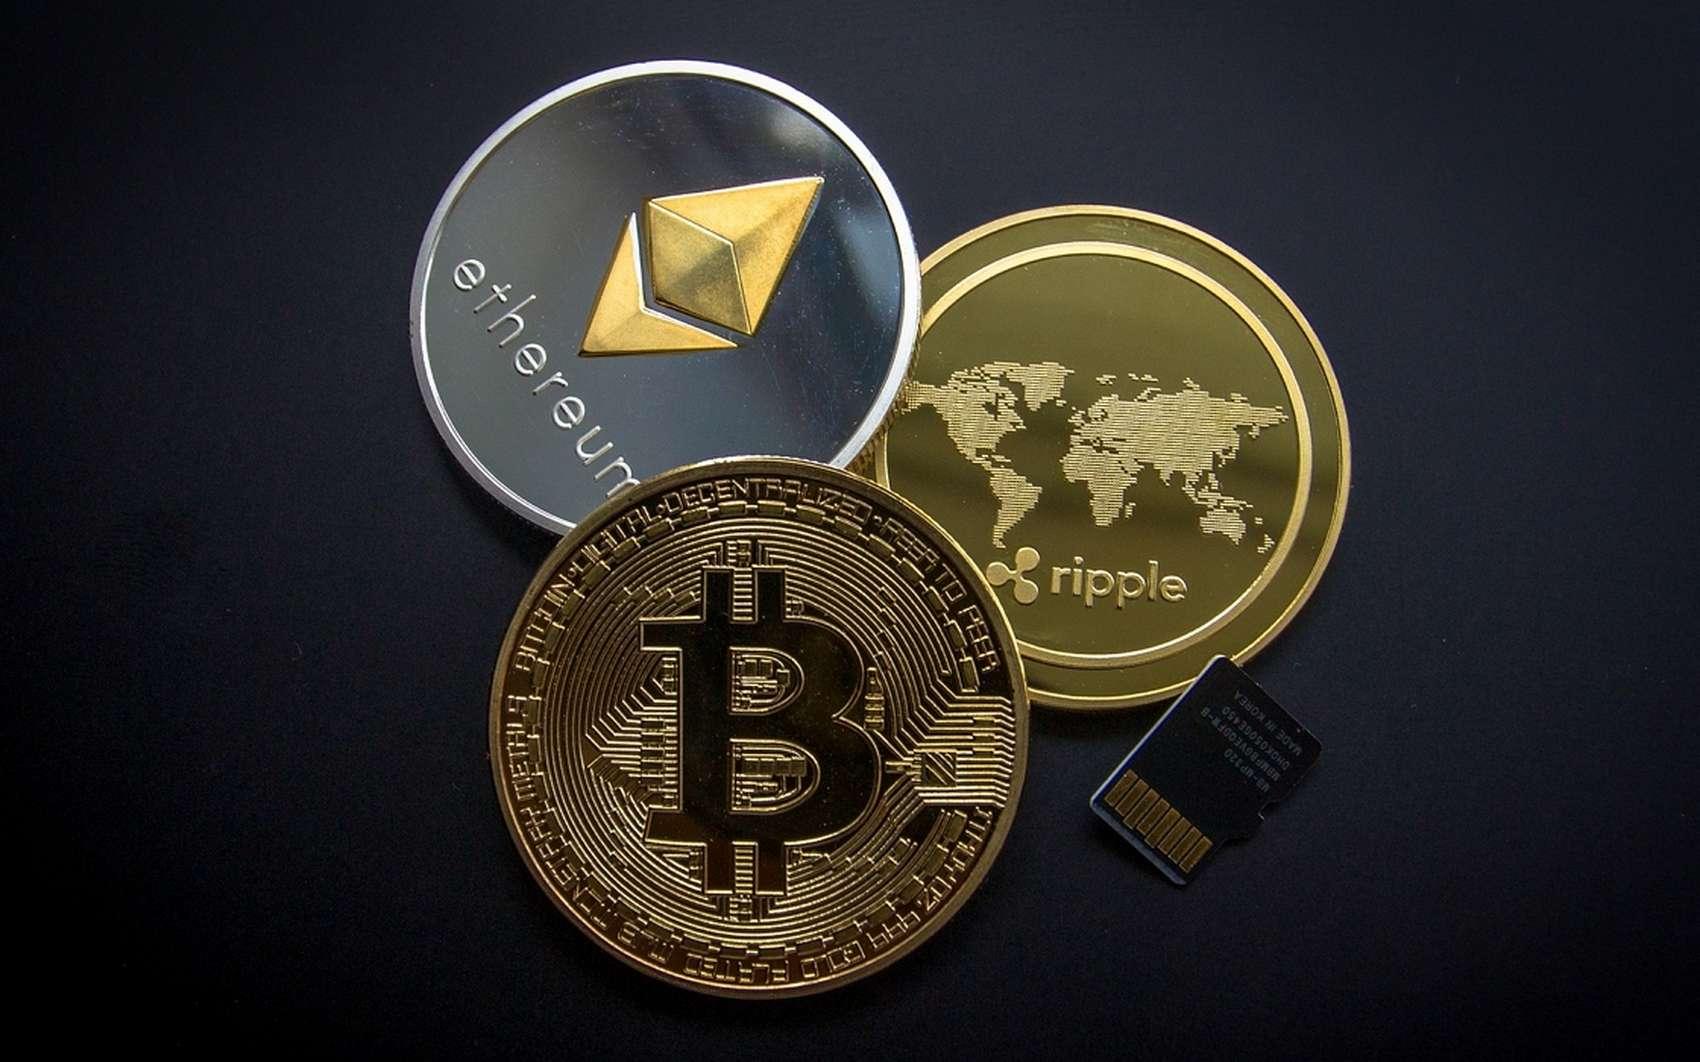 Bitcoin, Ethereum et XRP sont les trois cryptomonnaies dont la capitalisation totale est la plus importante. Au moment de publier cet article, ces trois devises représentent presque 200 milliards de dollars. © Pixabay.com